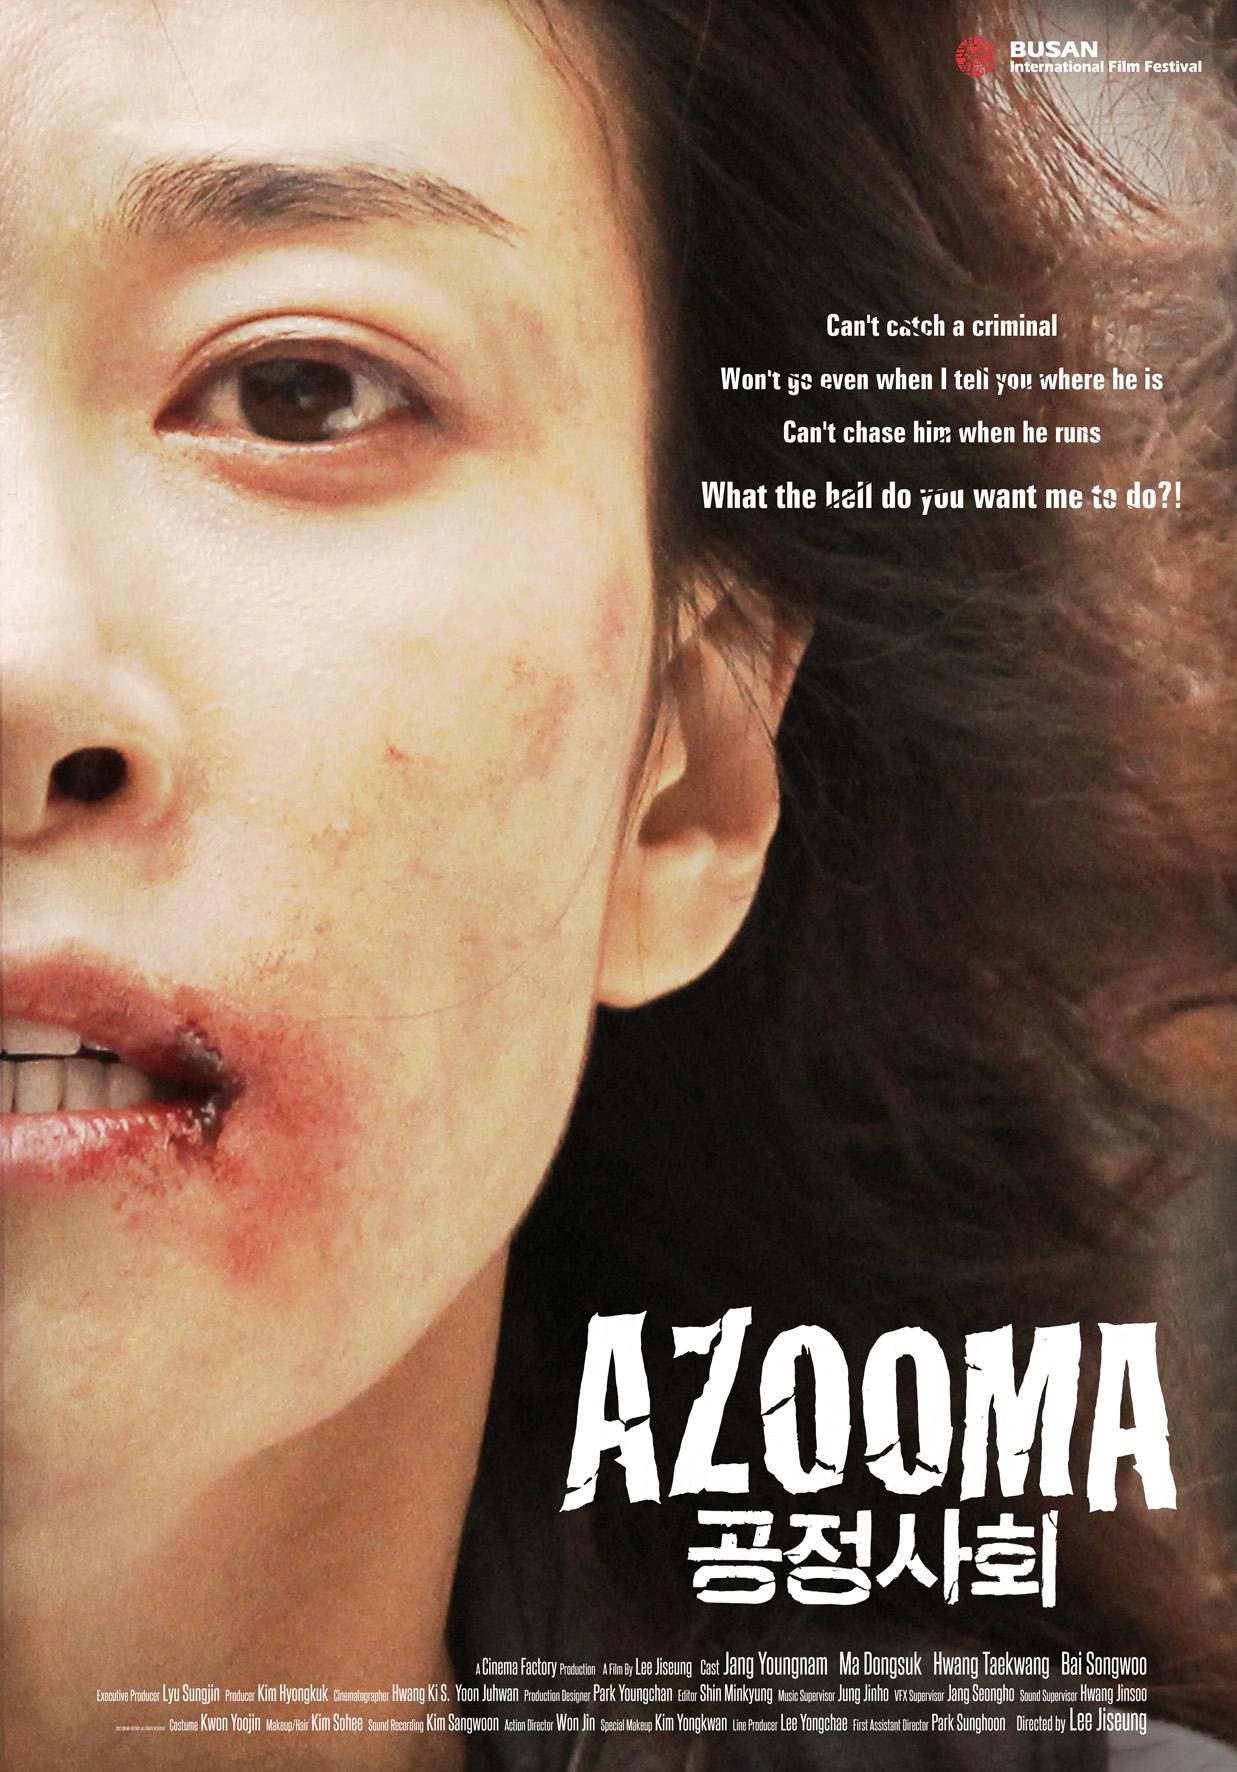 فيلم الدرااما الممتع azooma